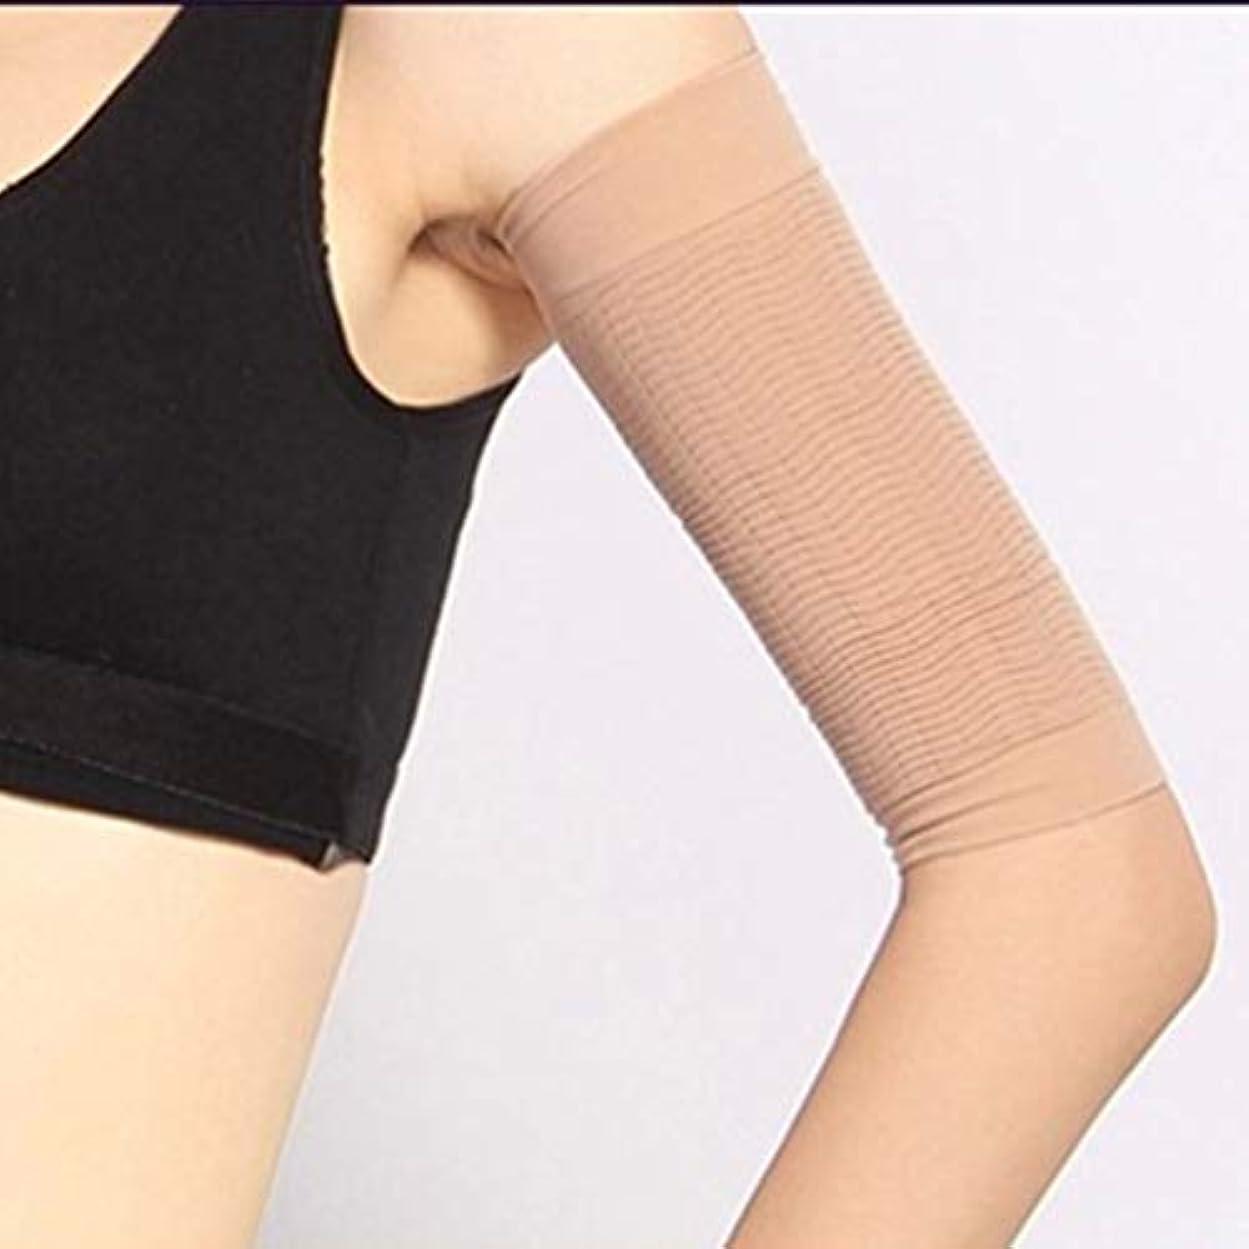 悩みメーカー湖1ペア420 D圧縮痩身アームスリーブワークアウトトーニングバーンセルライトシェイパー脂肪燃焼袖用女性 - 肌色